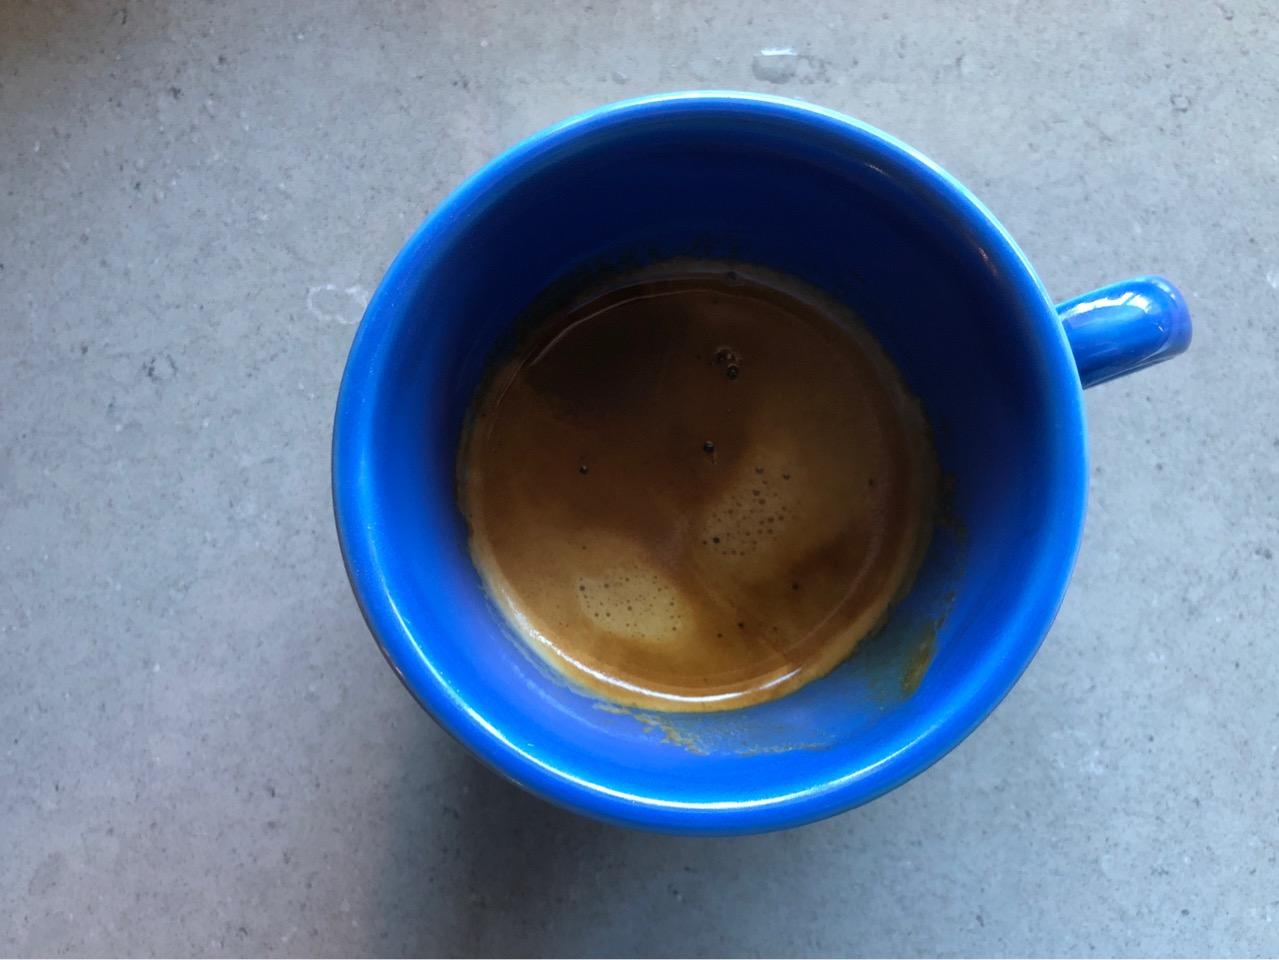 Photo of a blue mug of espresso